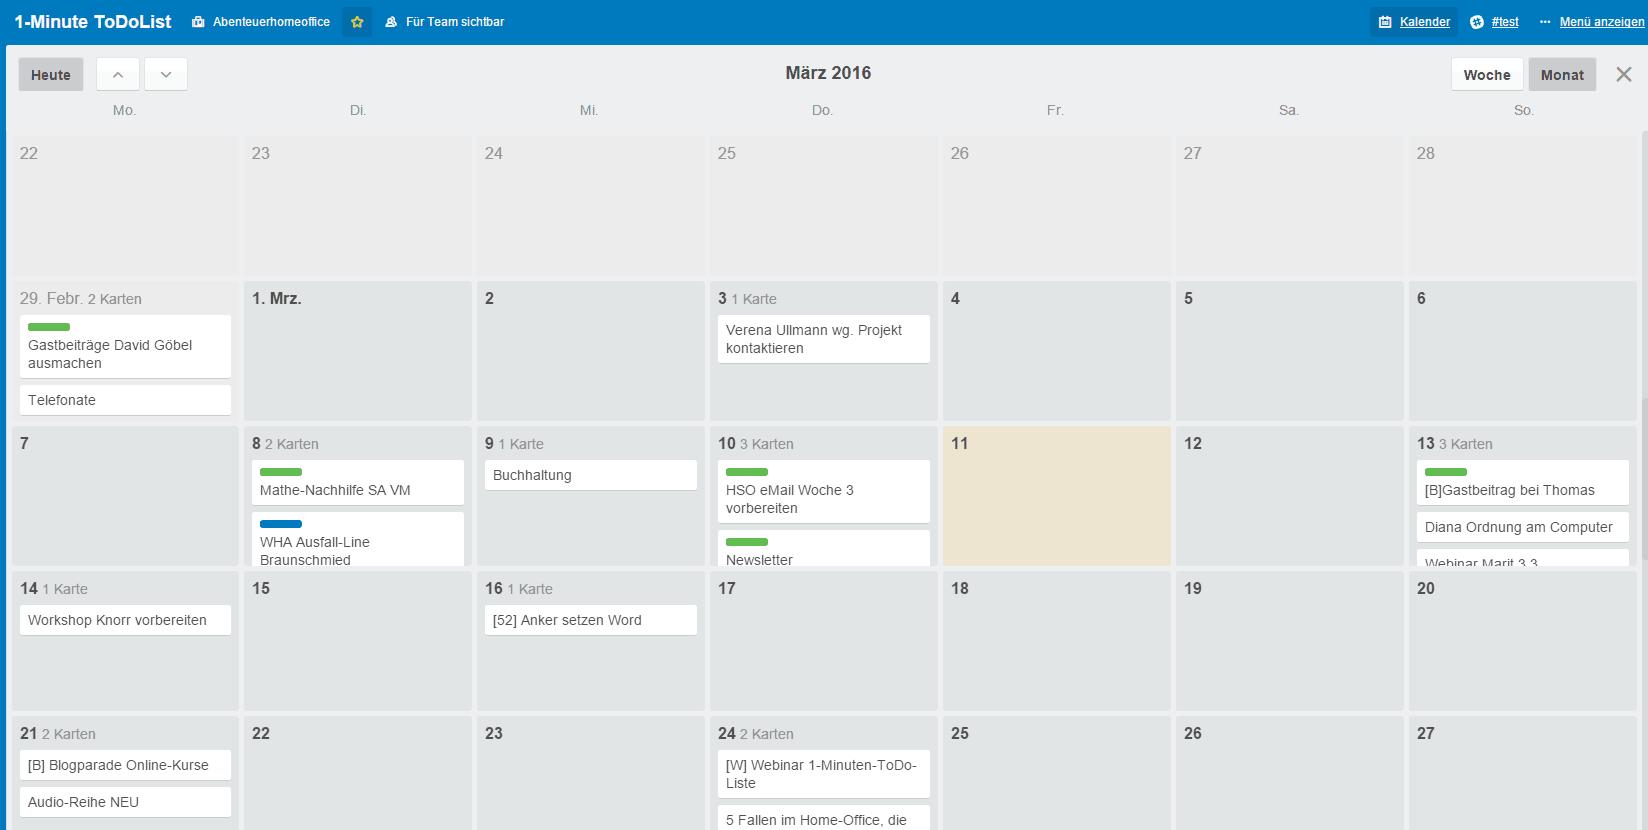 Trello Kalender